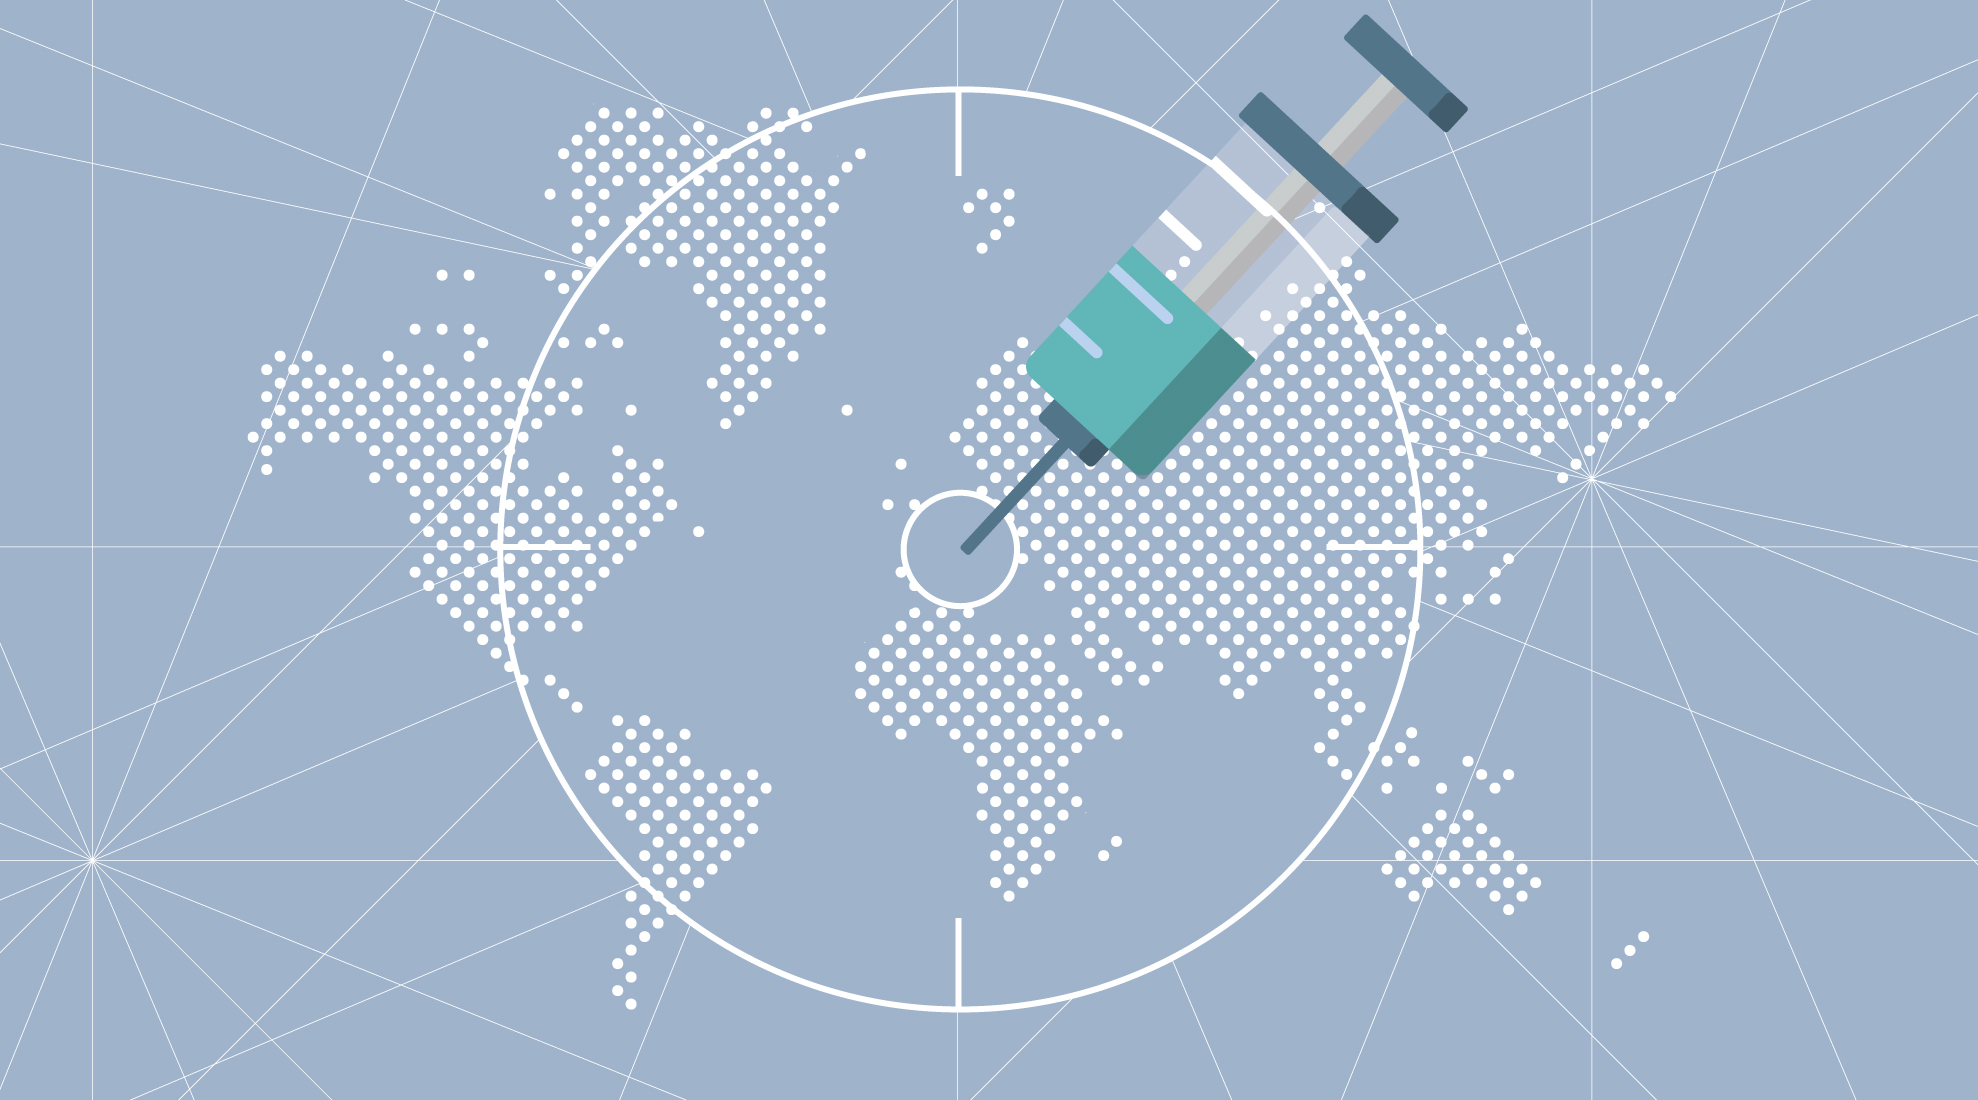 Así avanza la vacunación contra el Covid-19 en todo el mundo